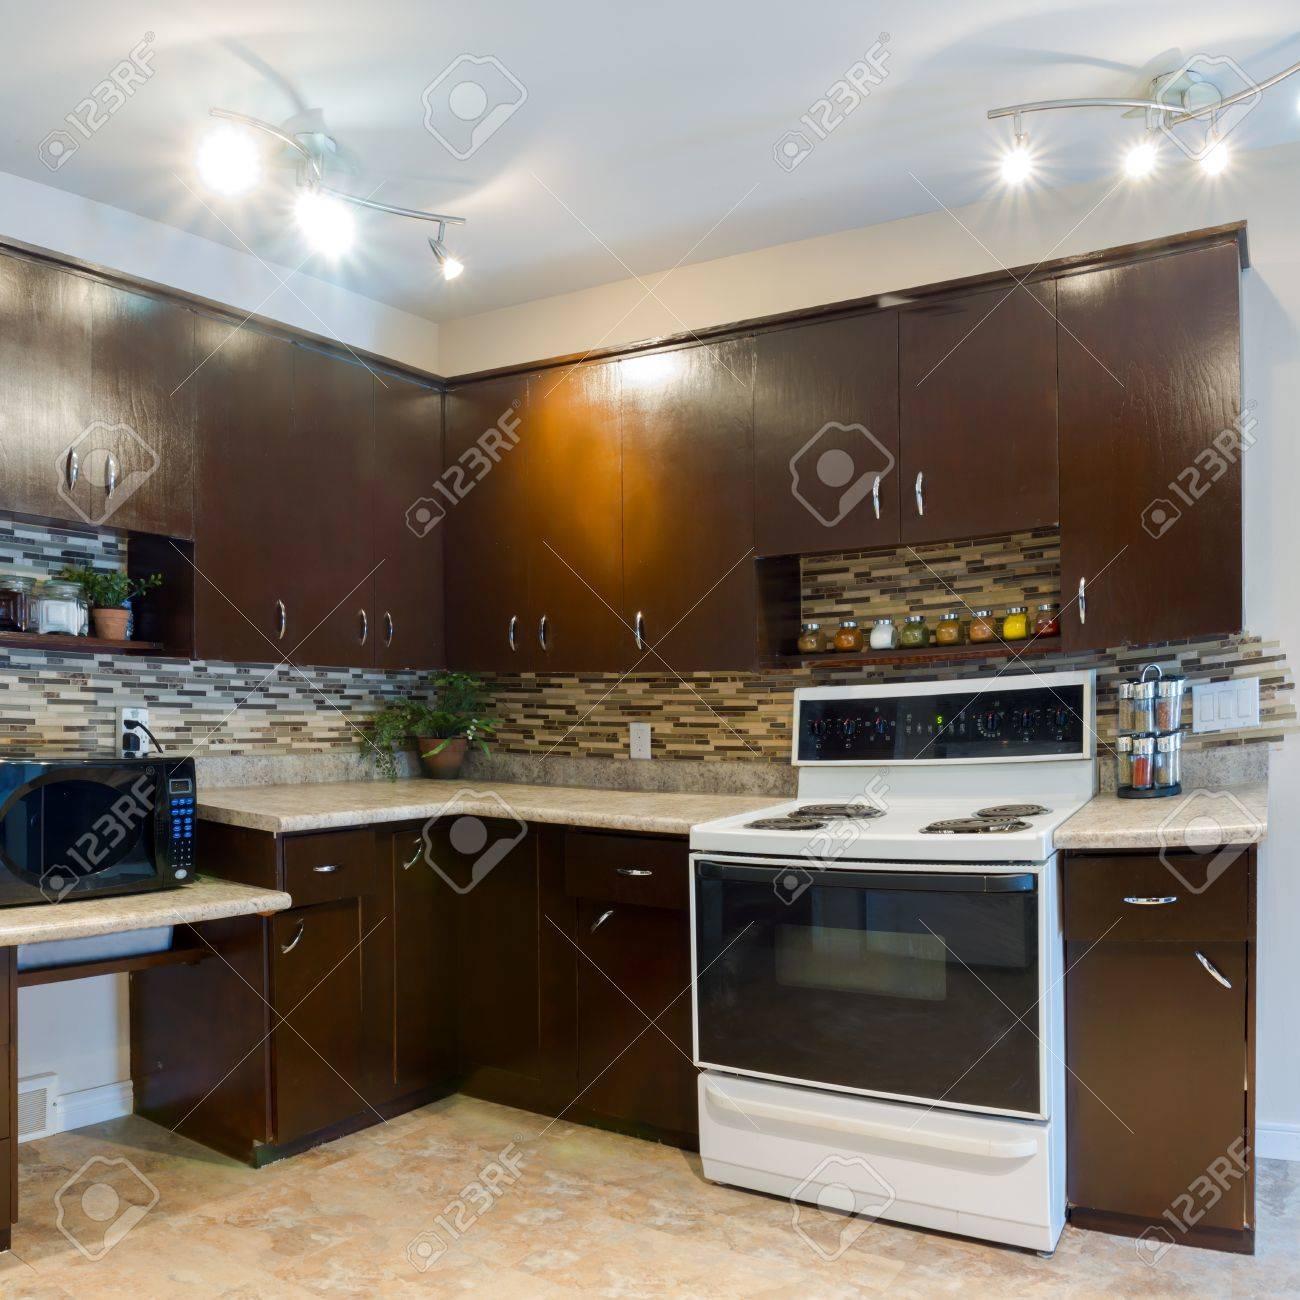 Le design intérieur de la cuisine moderne et salle de séjour dans ...